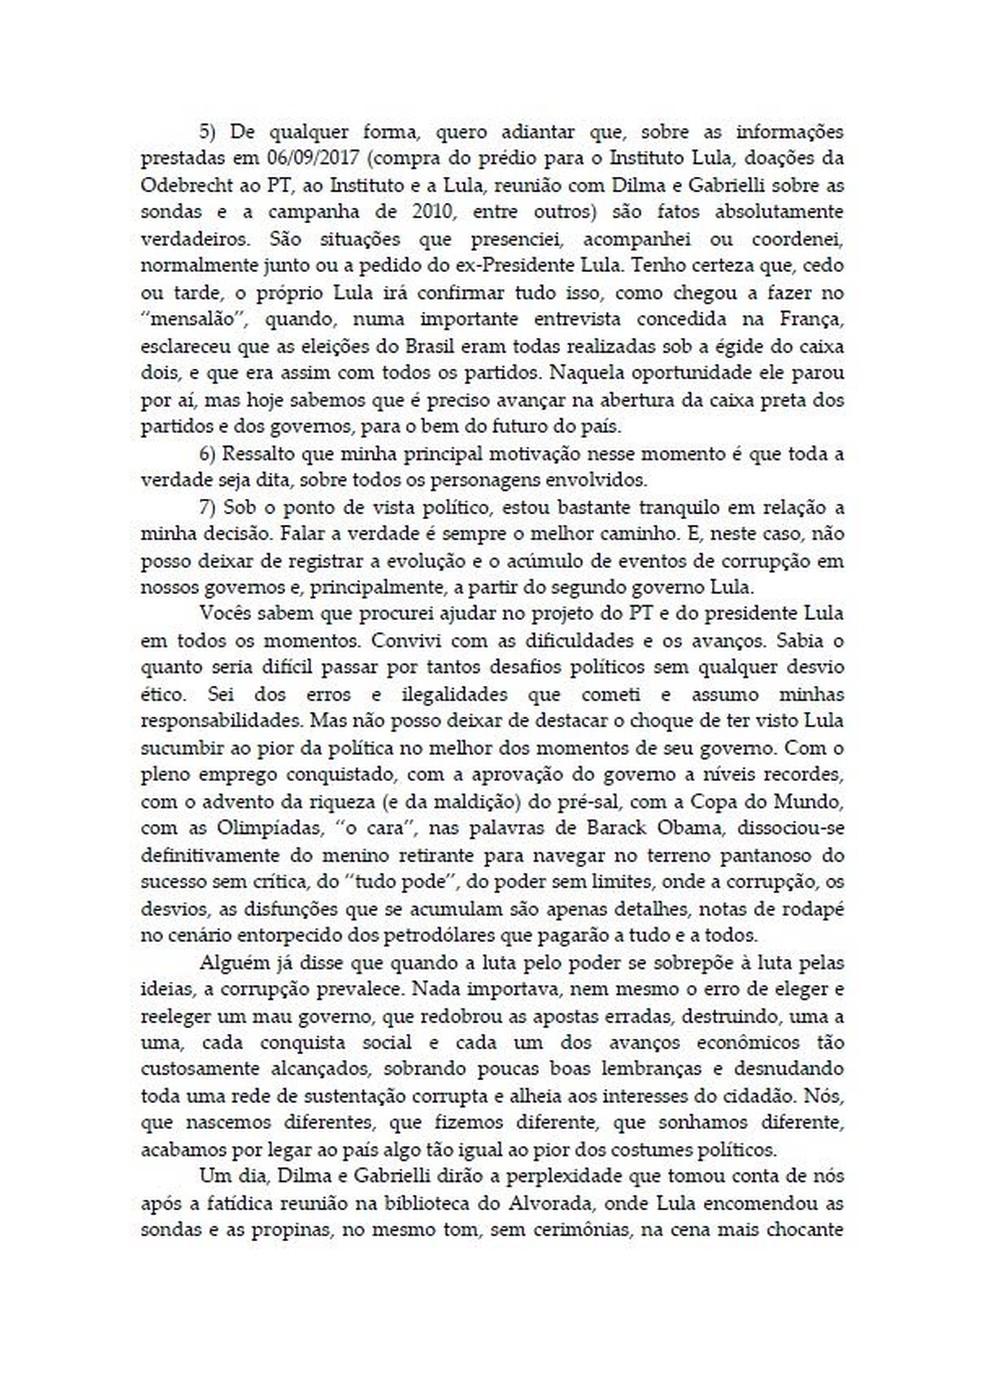 Carta Palocci 2 (Foto: Reprodução)